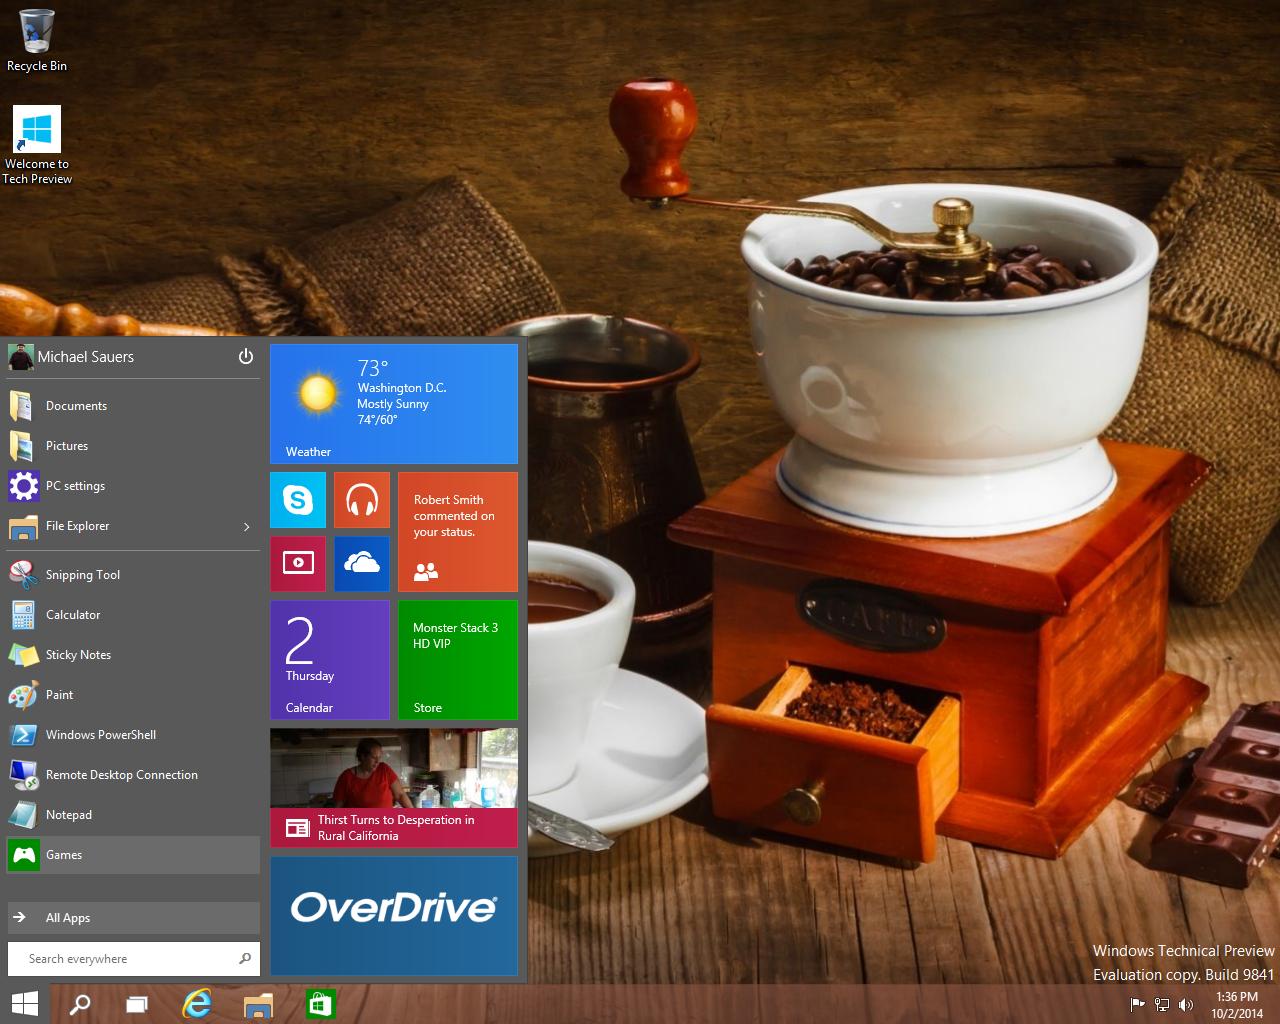 Windows 10 Technical Previewscreenshots